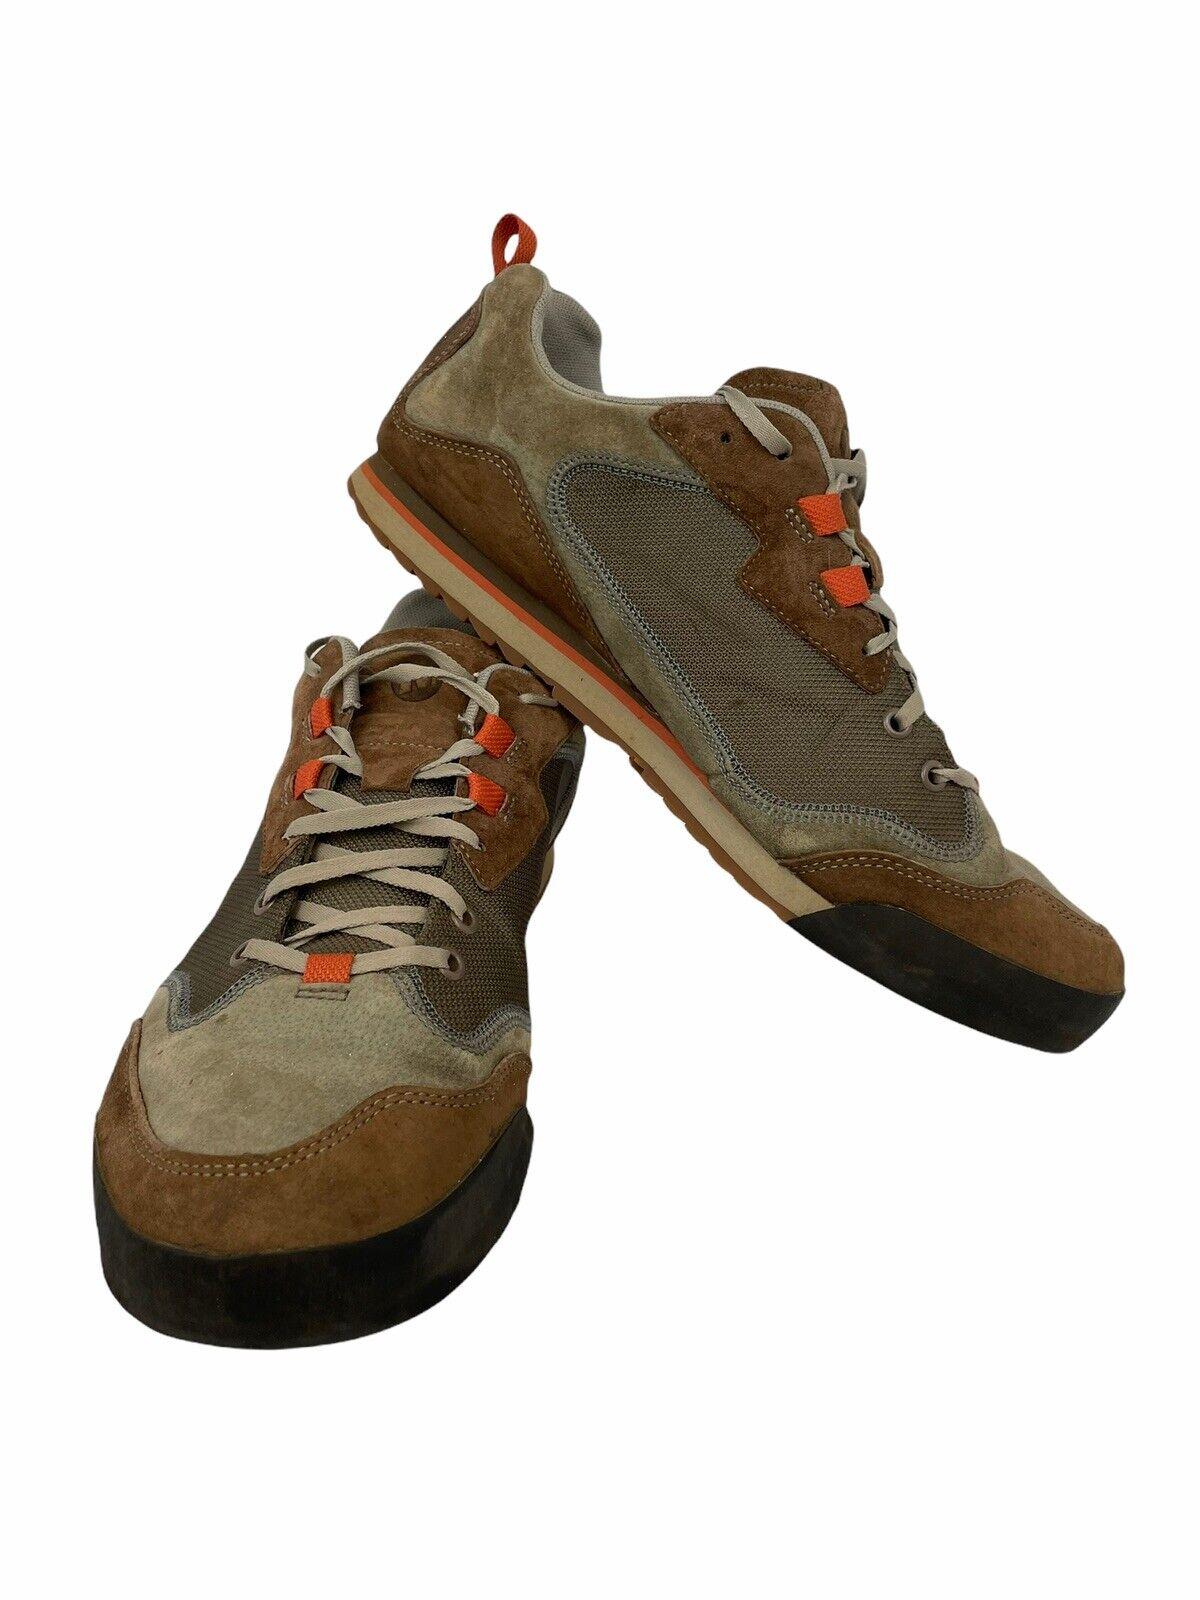 Merrell Burnt Rock Travel Suede Hiking Shoe Sneaker Sz 13 Dusty Olive J95233